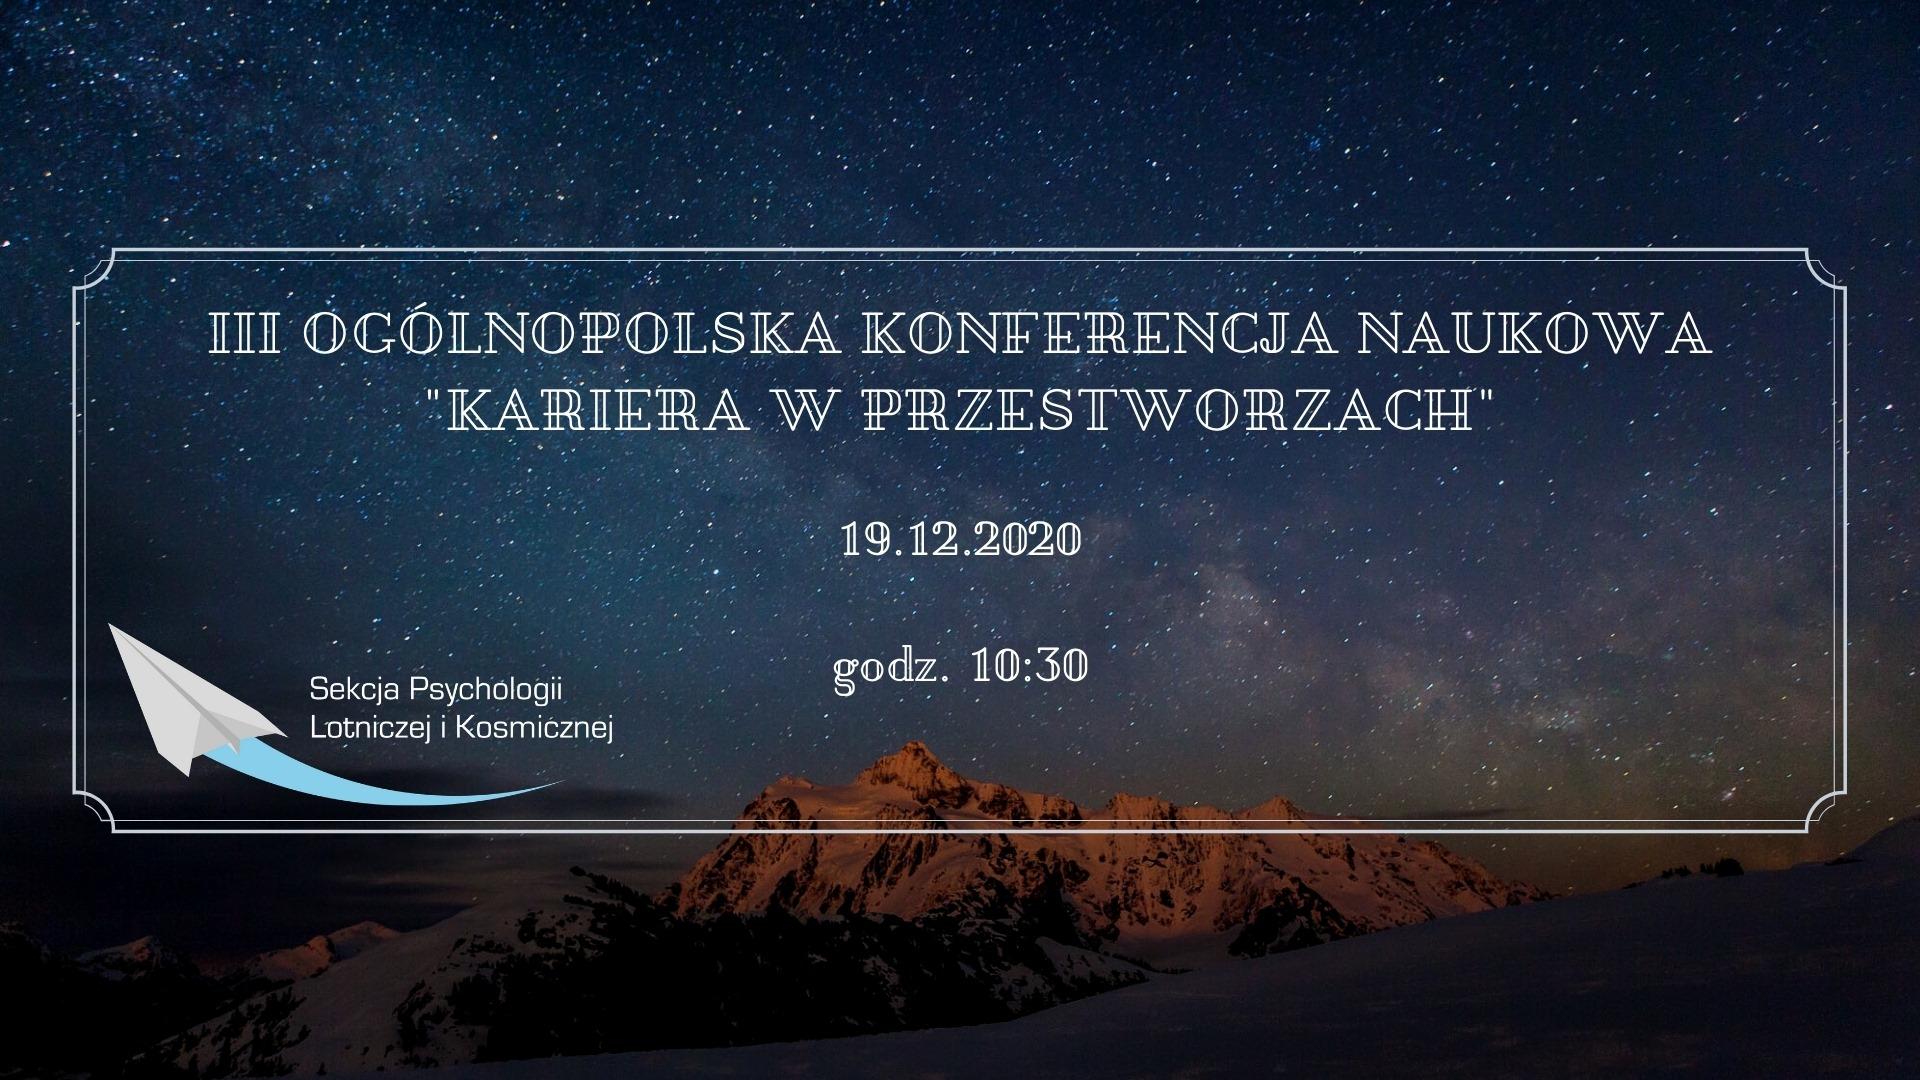 """III Ogólnopolska Konferencja Naukowa """"Kariera wPrzestworzach"""" @ Online"""